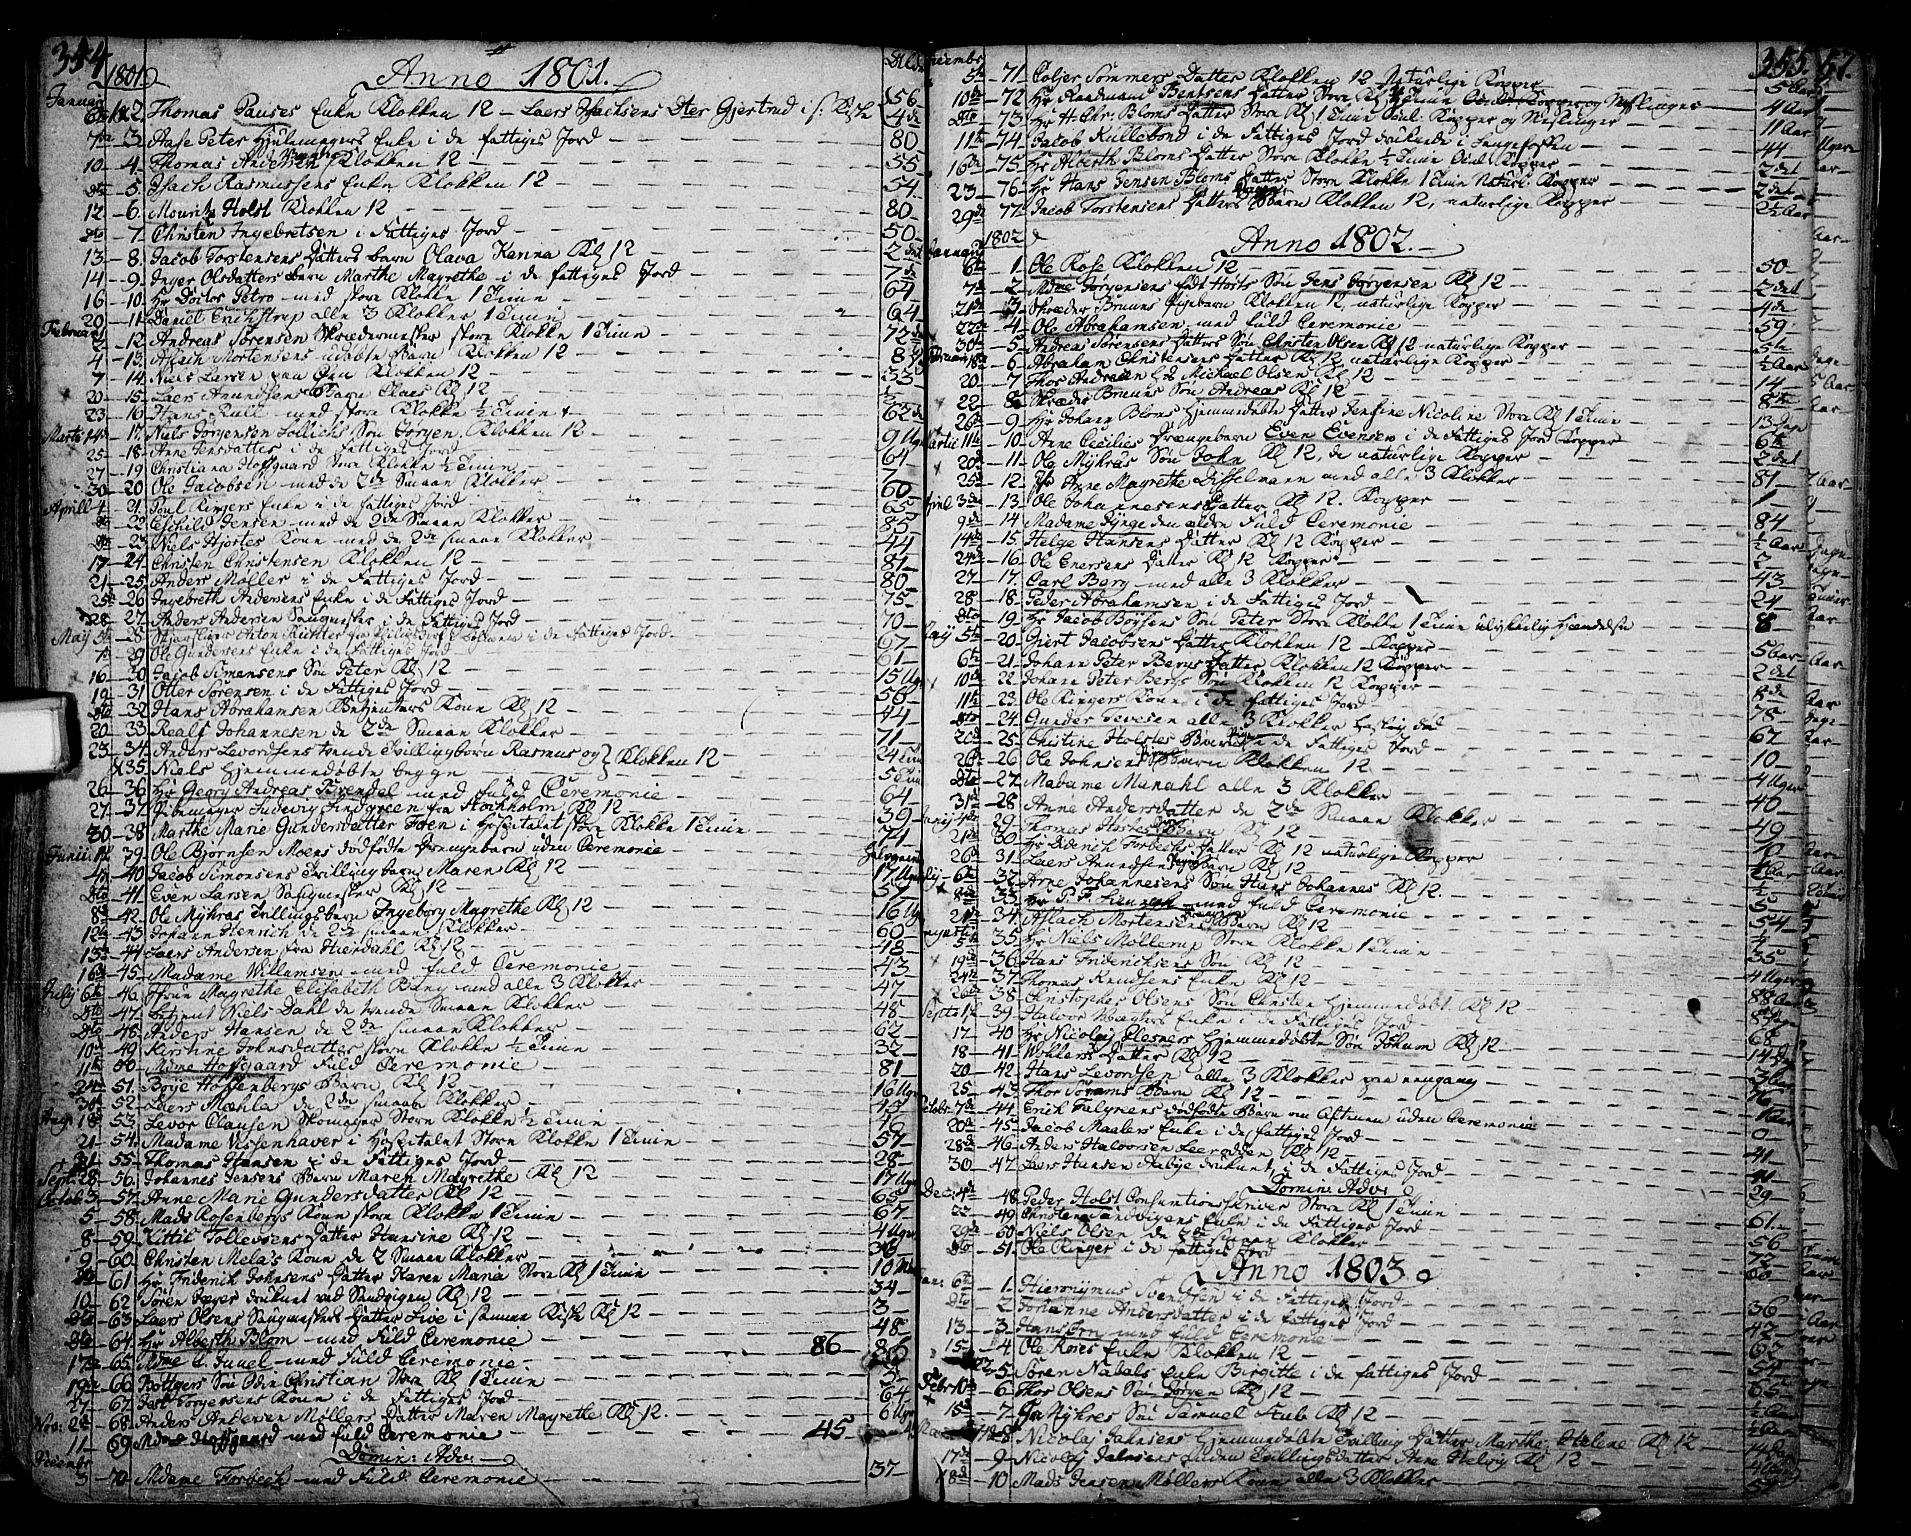 SAKO, Skien kirkebøker, F/Fa/L0004: Ministerialbok nr. 4, 1792-1814, s. 354-355